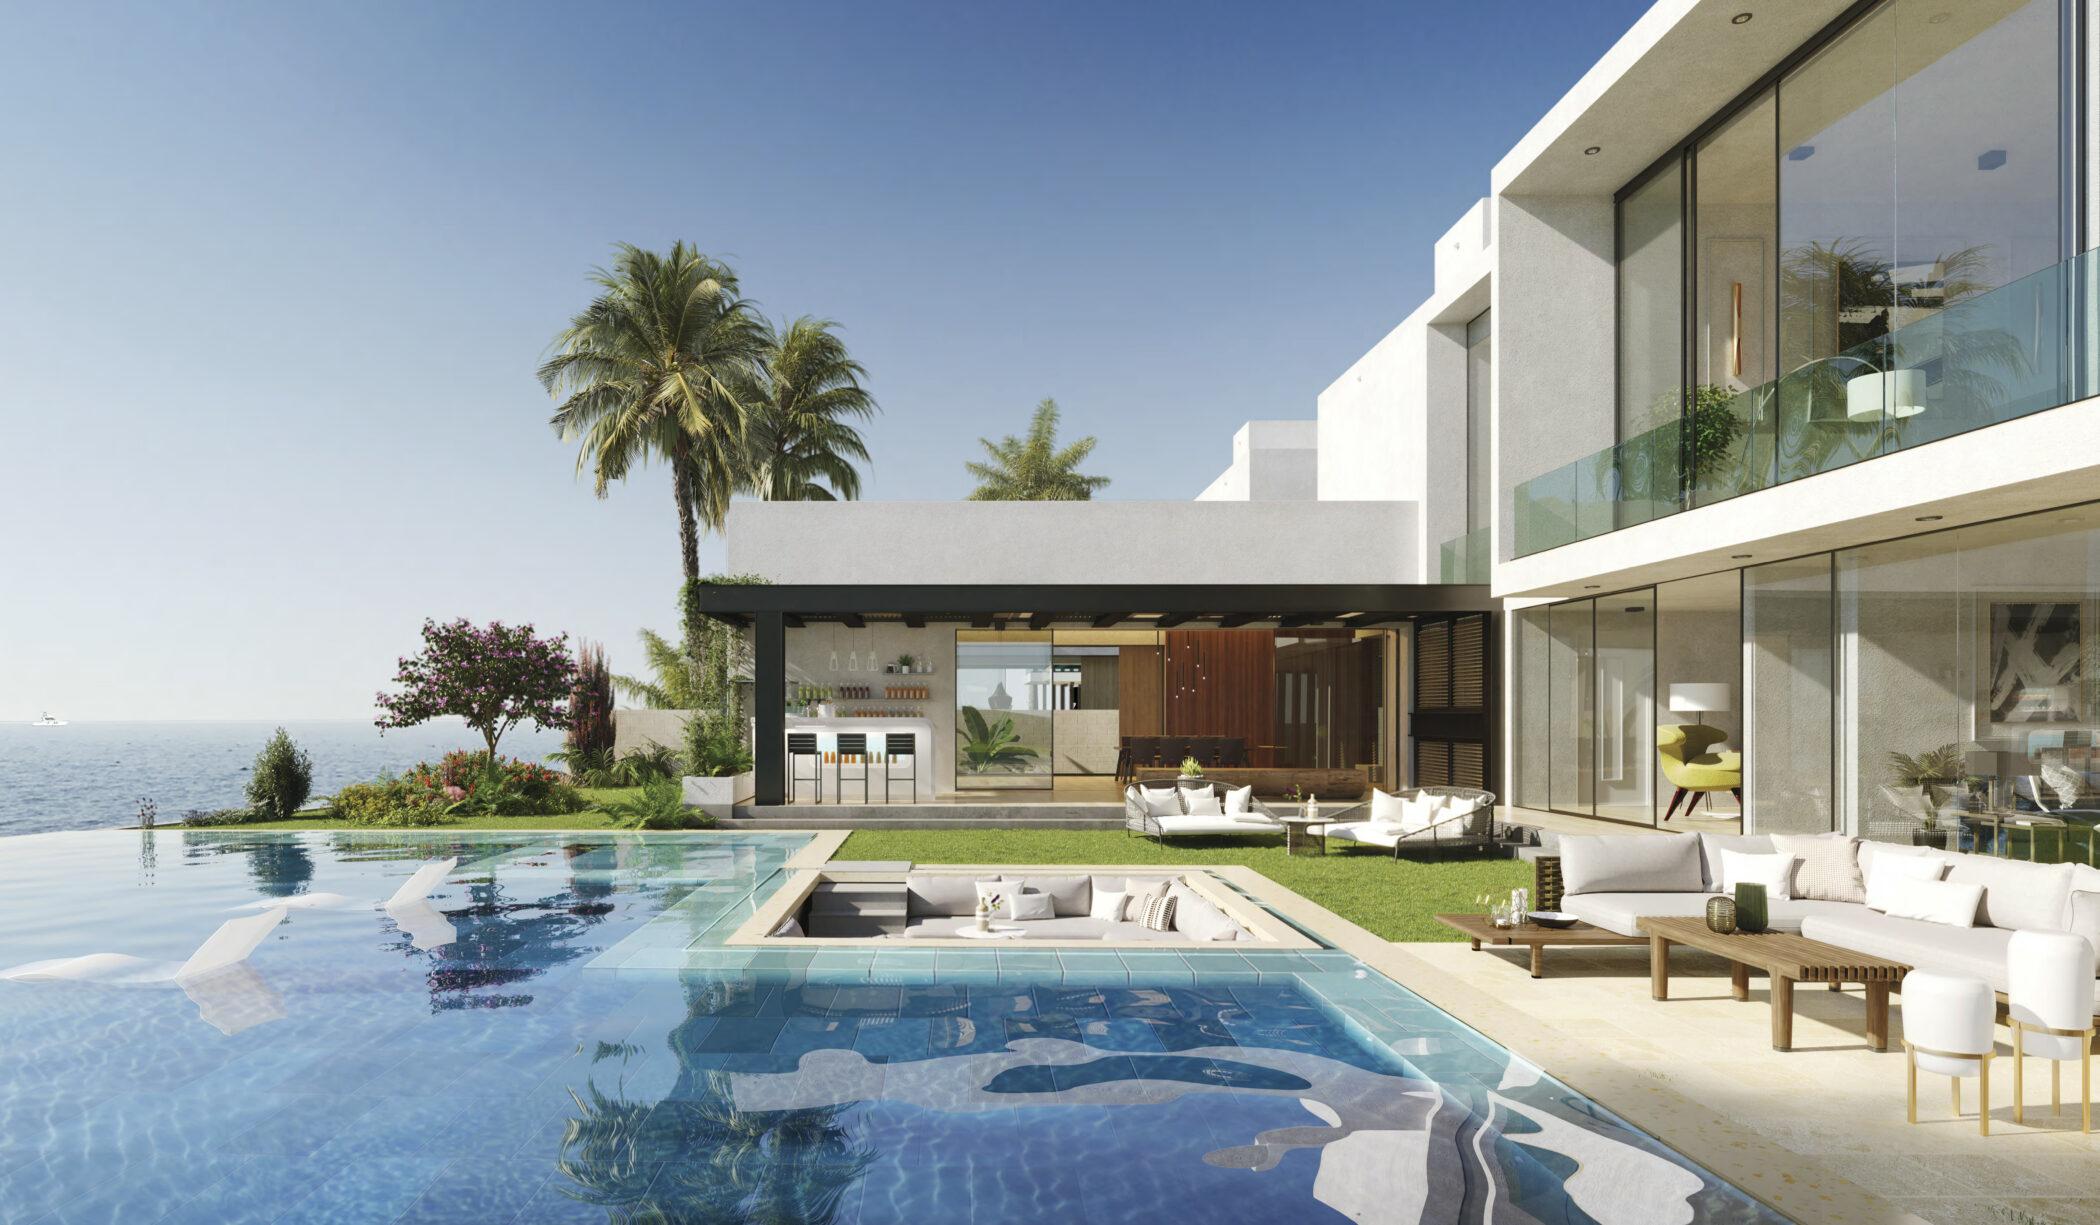 Algurm by Aldar. Plots for sale in Abu Dhabi, UAE 3 1